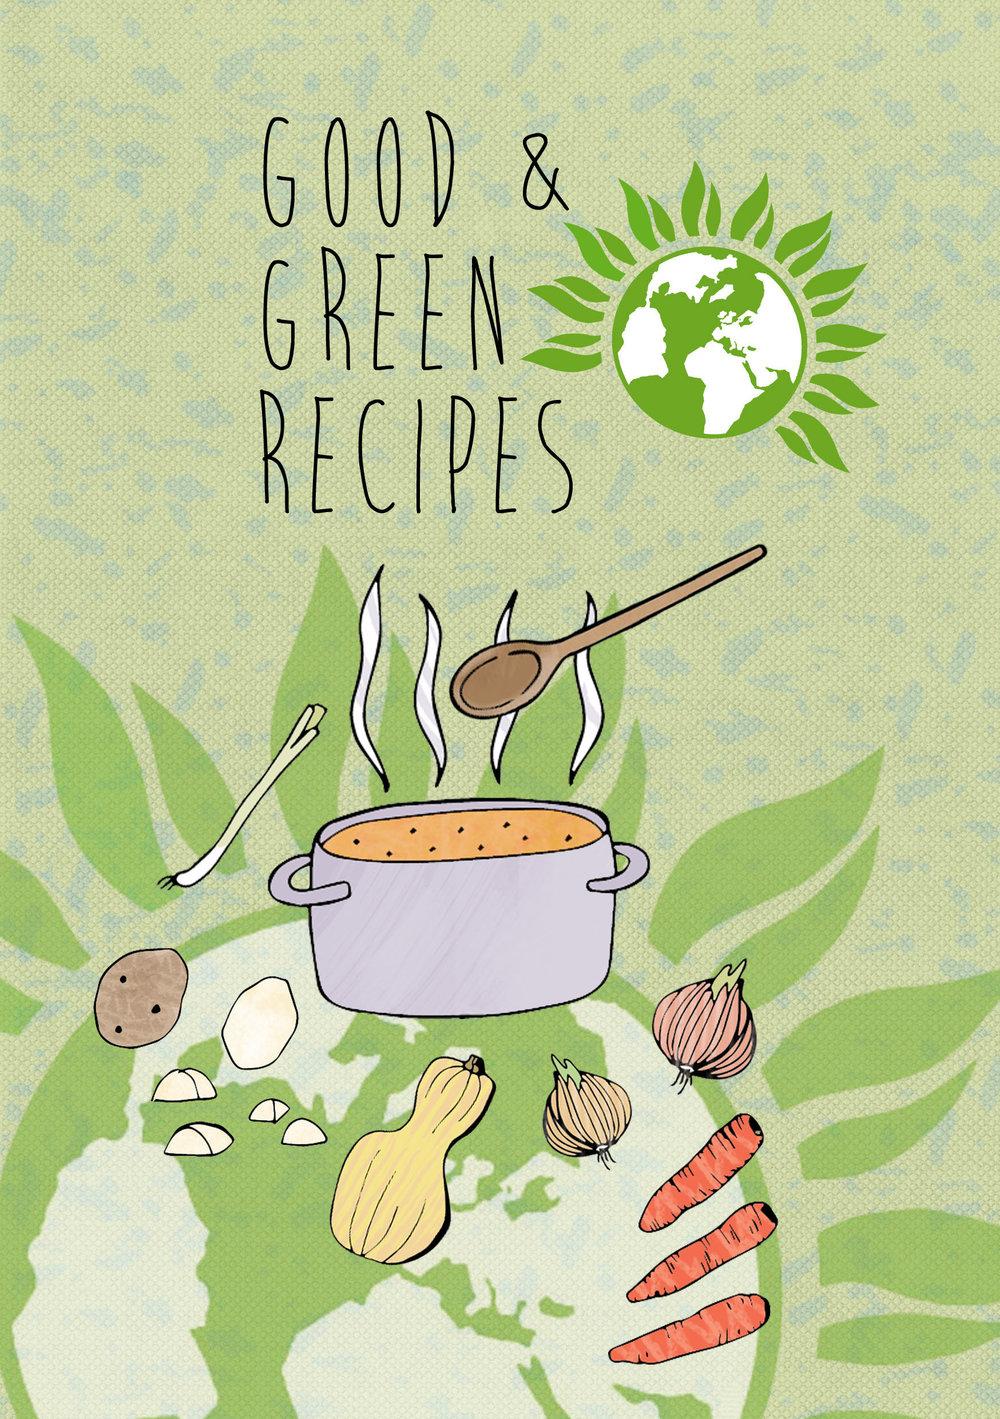 Good & Green Recipes